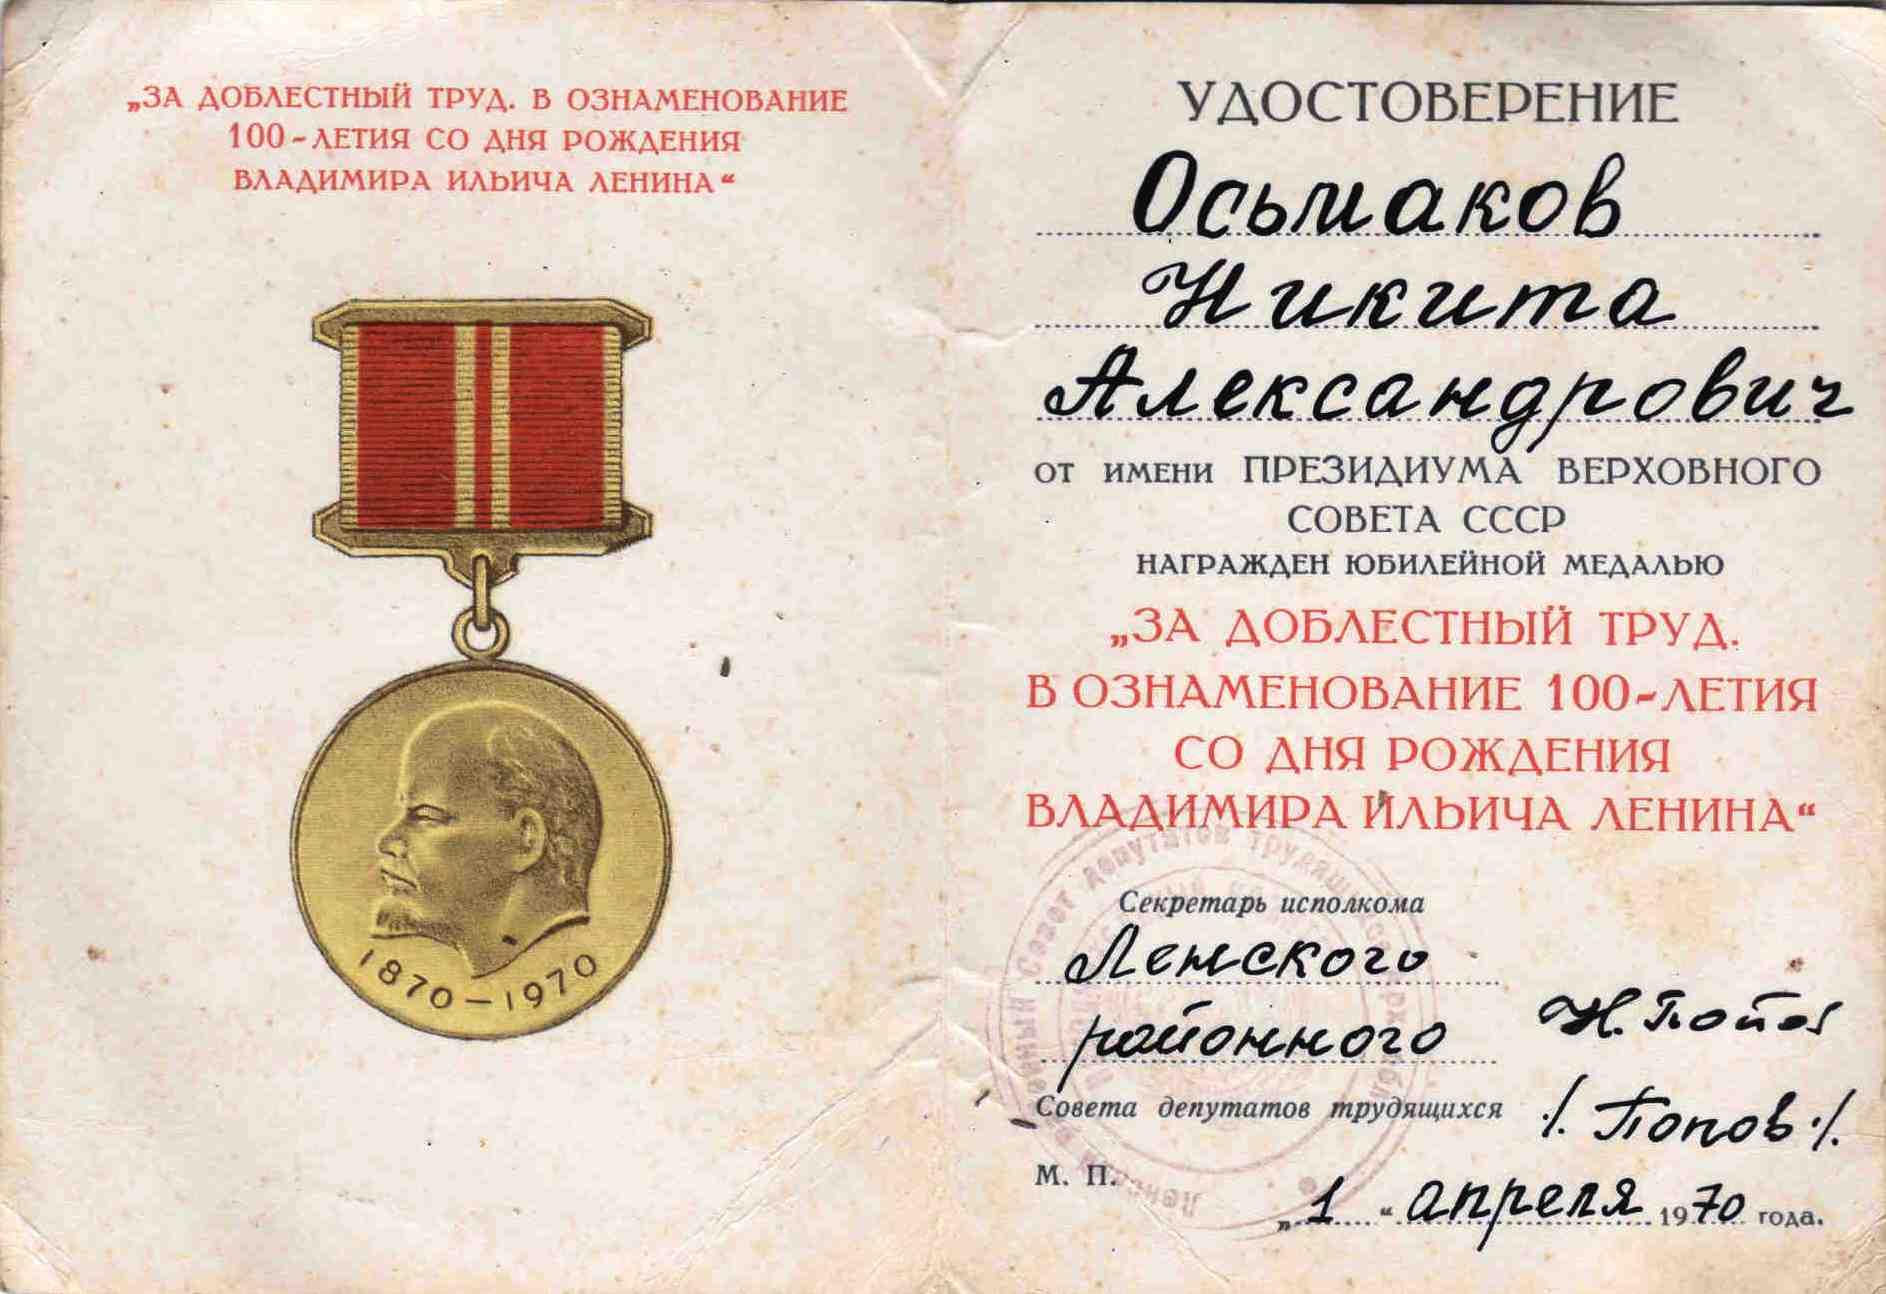 48. Удостоверение к медали За доблестный труд, 1970